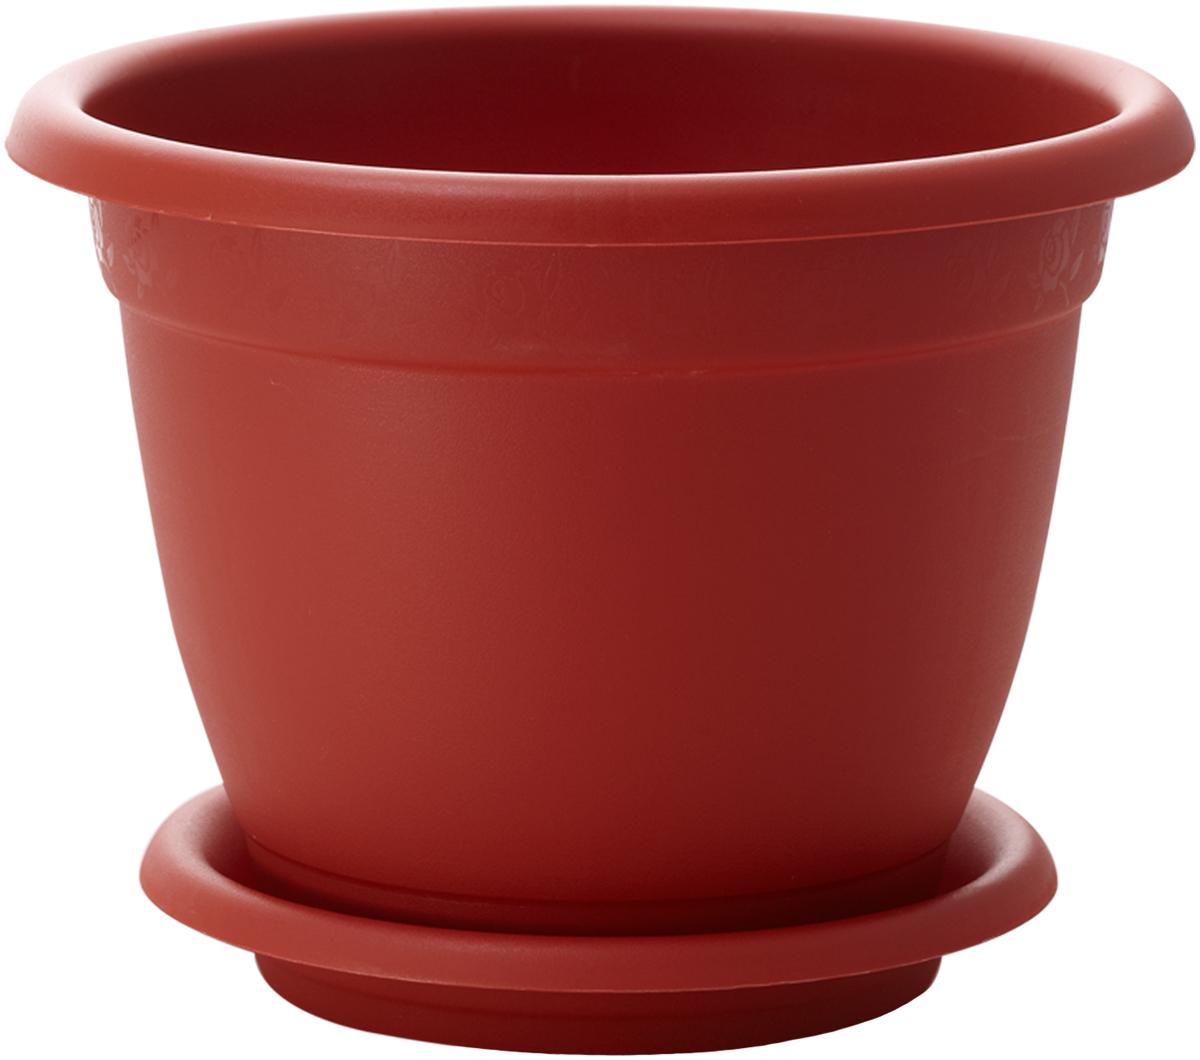 Горшок для цветов InGreen Борнео, с поддоном, цвет: терракотовый, диаметр 17 см поддон для балконного ящика ingreen цвет белый длина 60 см